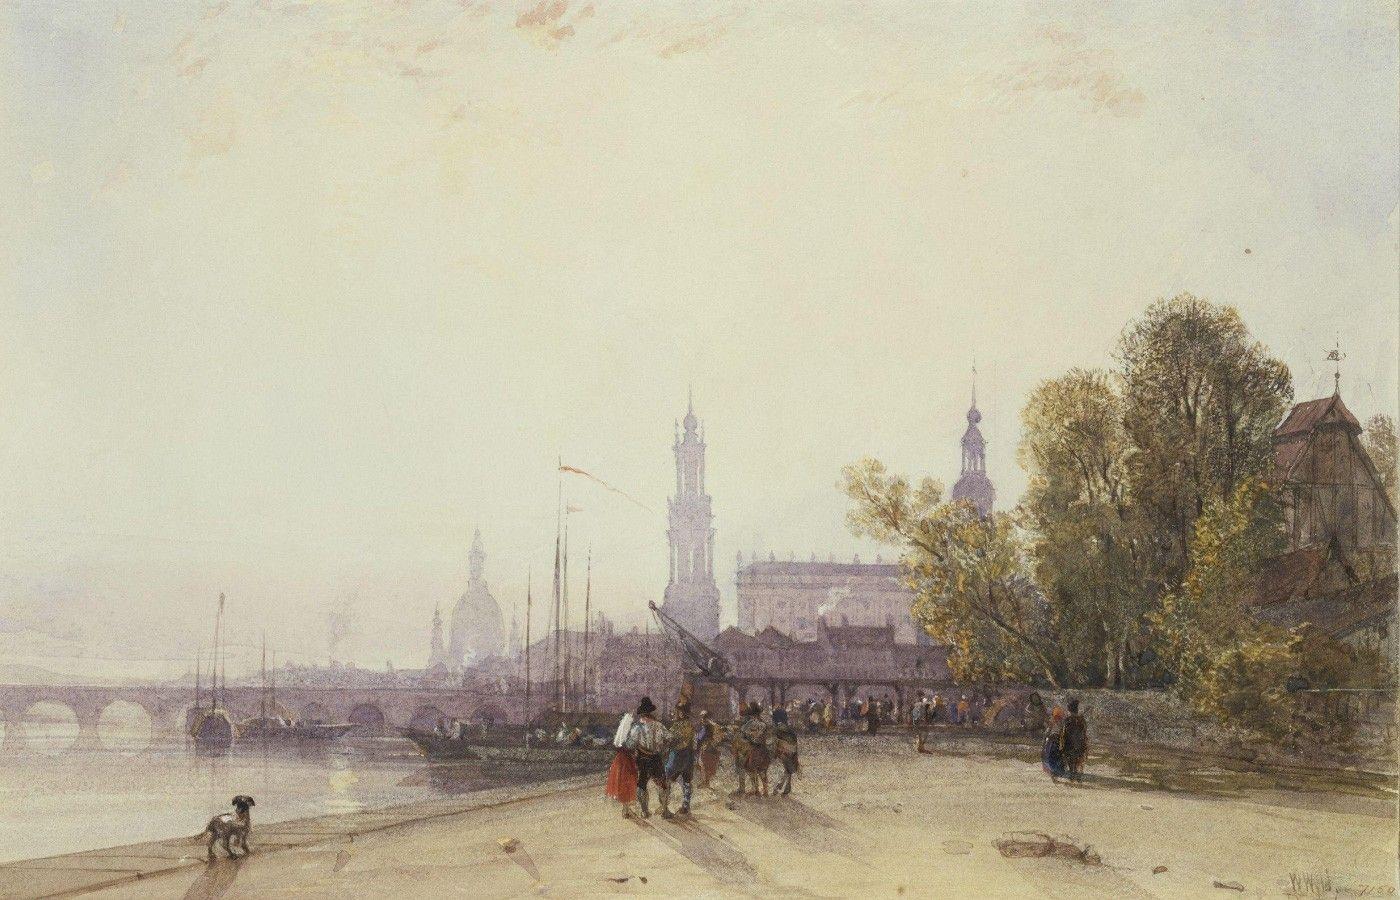 Уильям Уайльд. Вид на Дрезден. 1806. Из собраний Музея Виктории и Альберта, Лондон